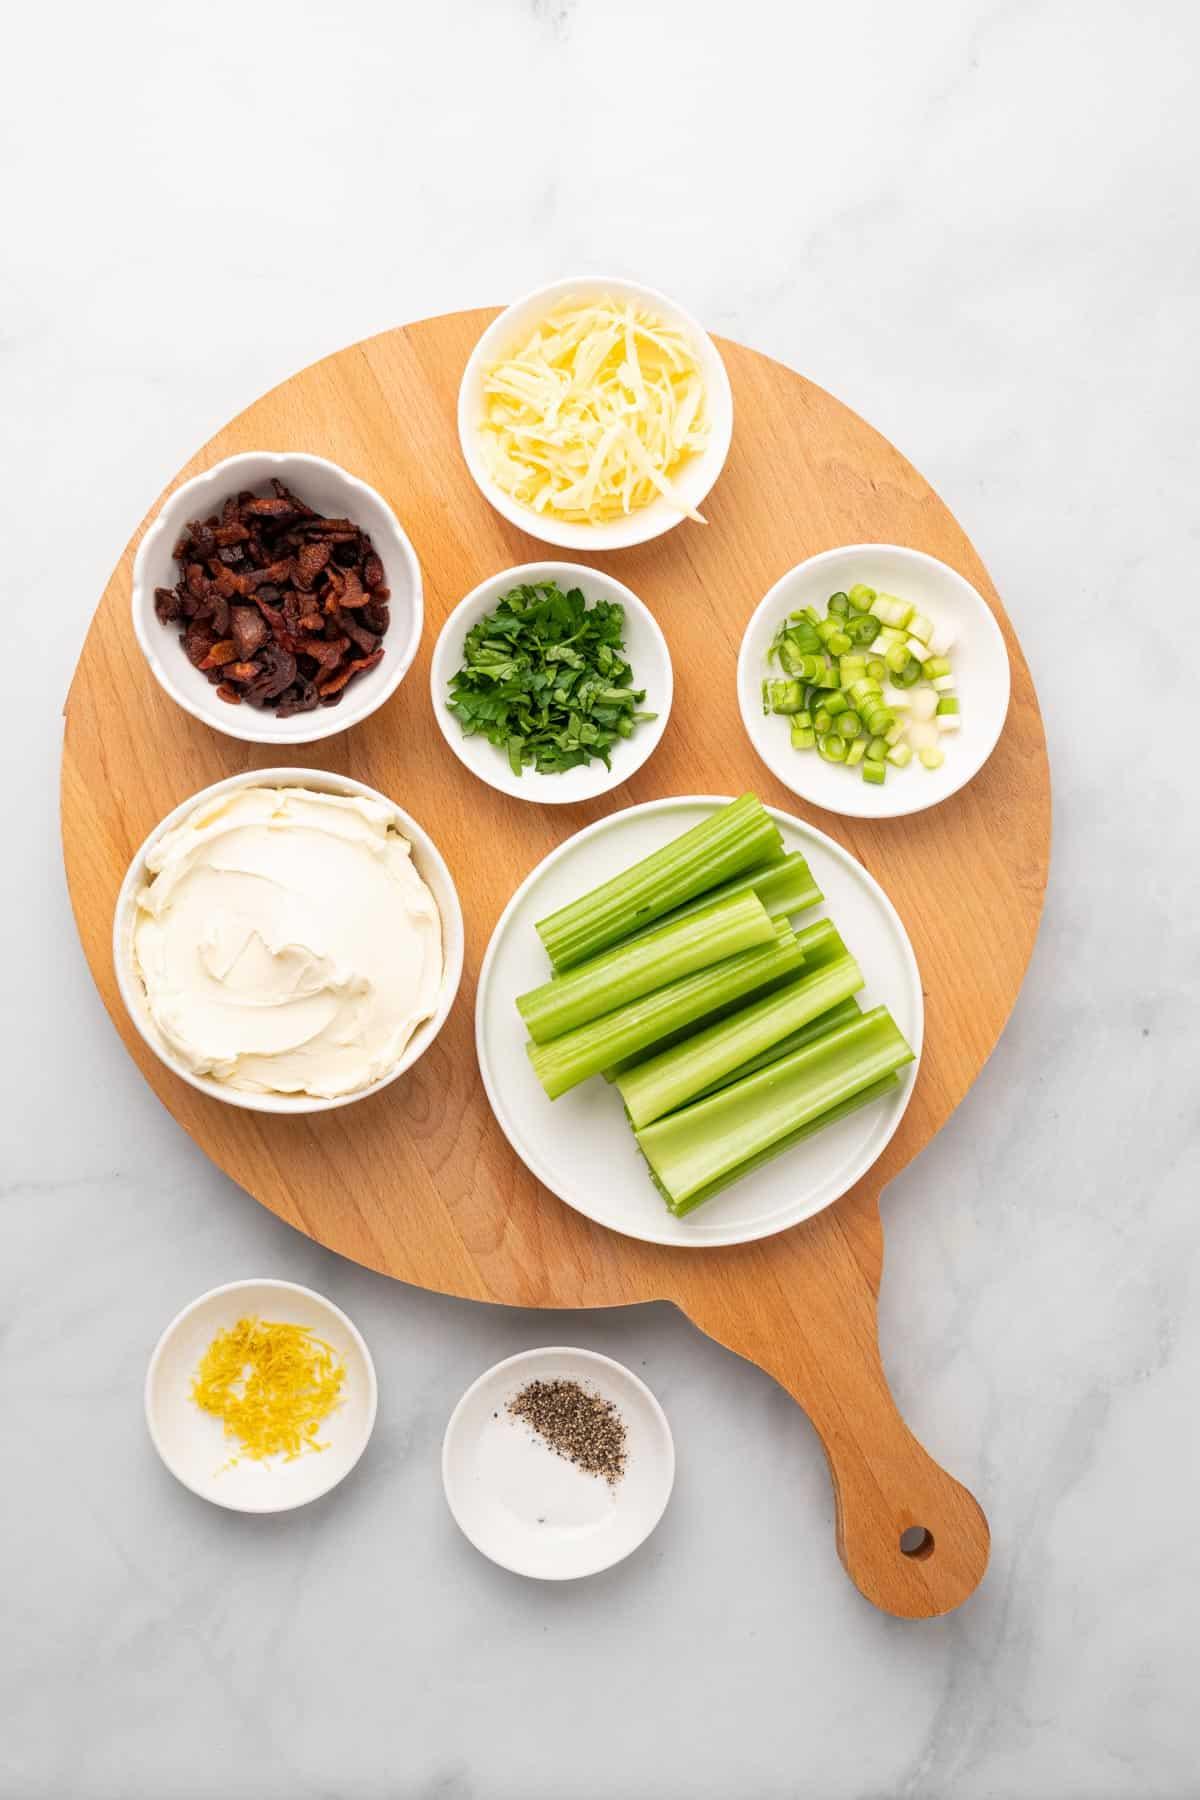 ingredients for stuffed celery on a wooden board